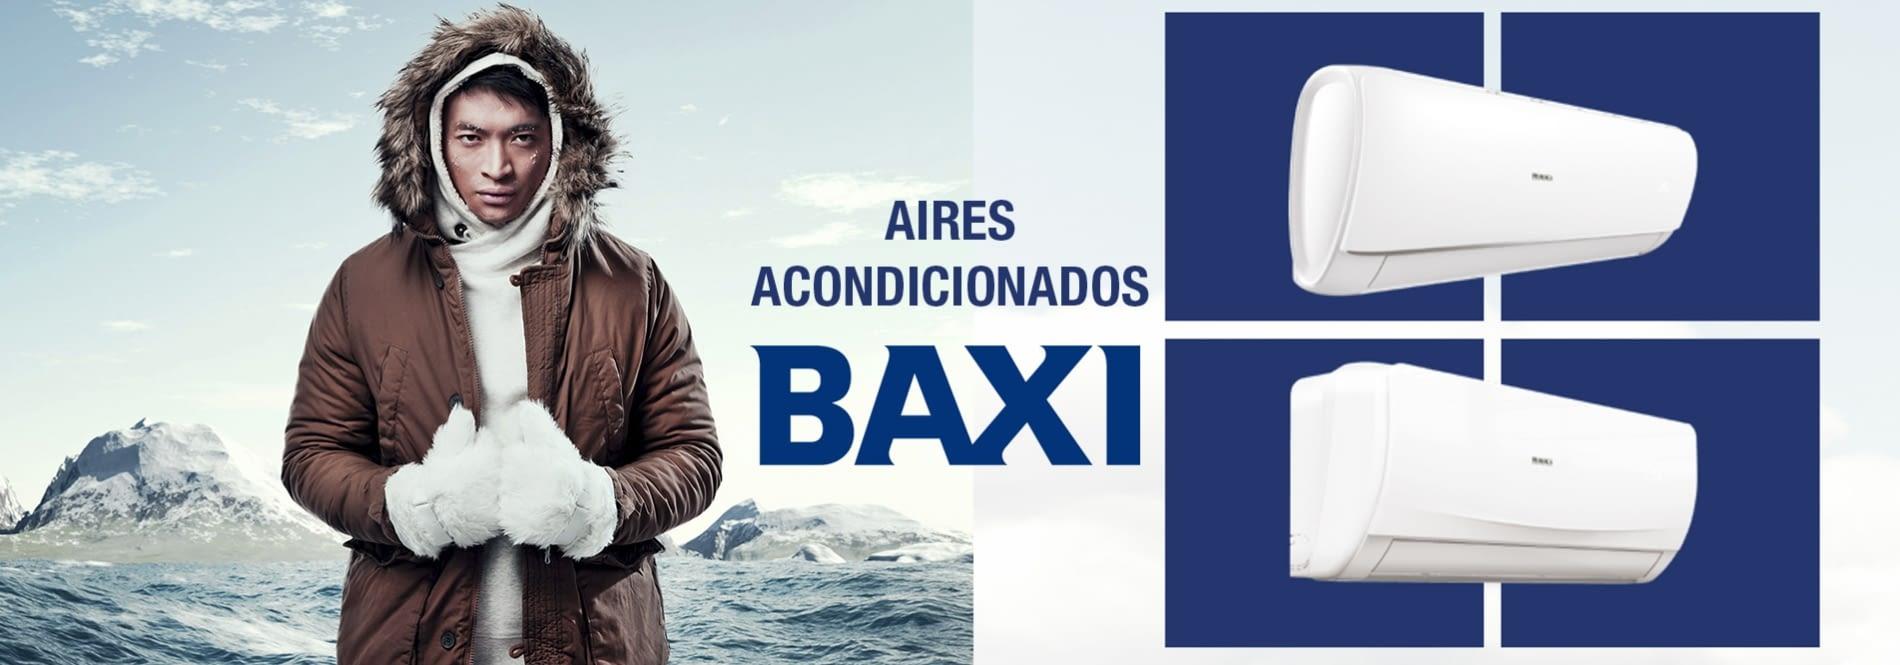 Slider 8 - AC Baxi